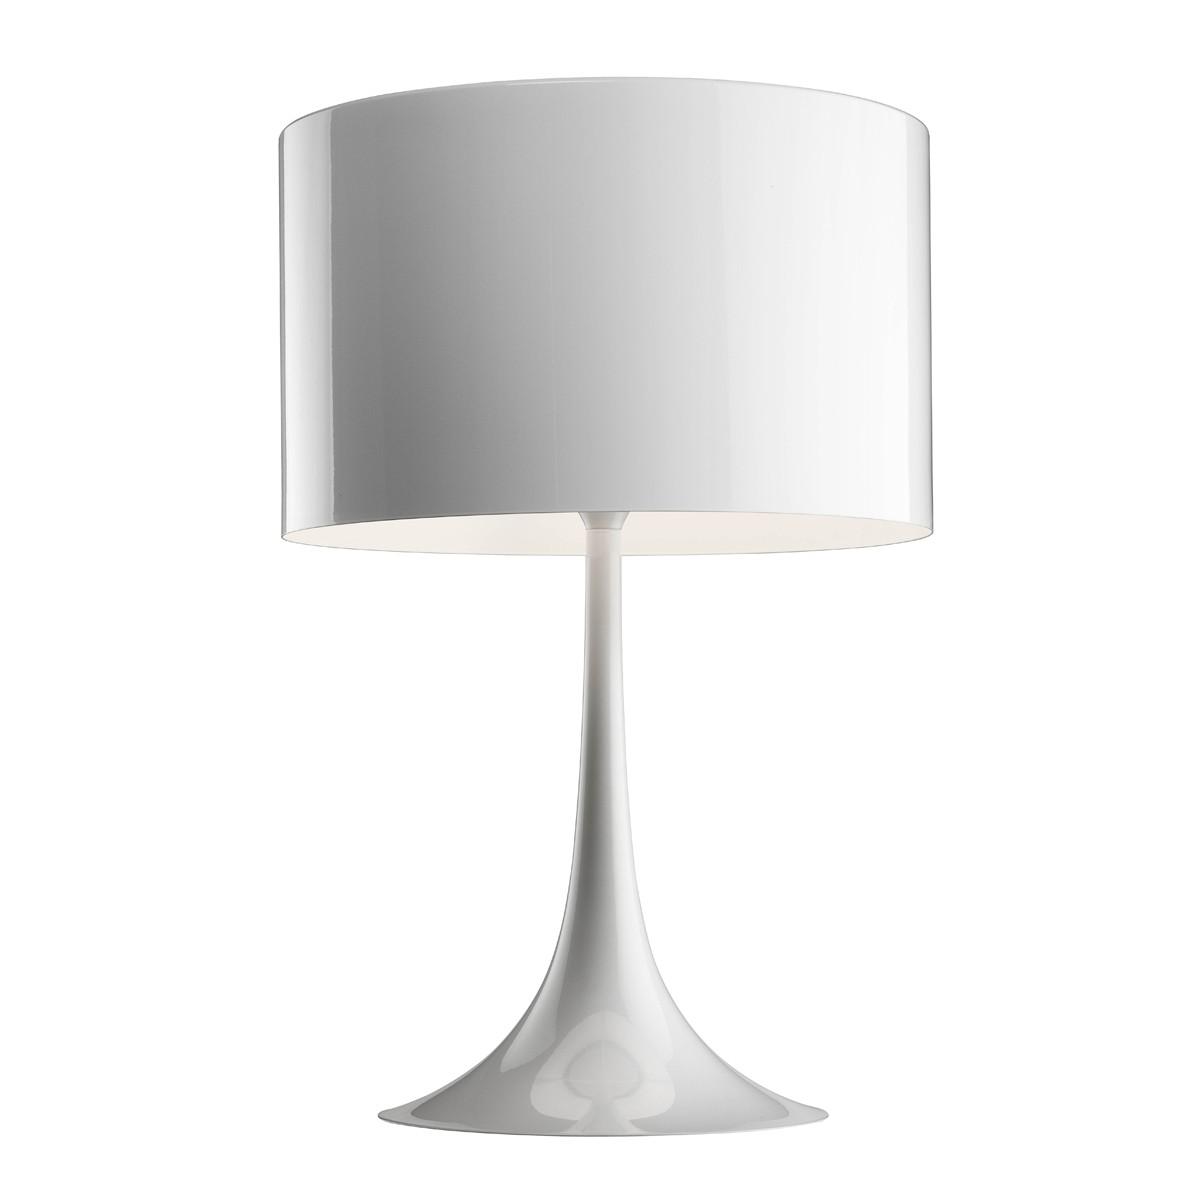 Flos Spun Light T Tischleuchte, T2, Höhe: 68 cm, weiß glänzend